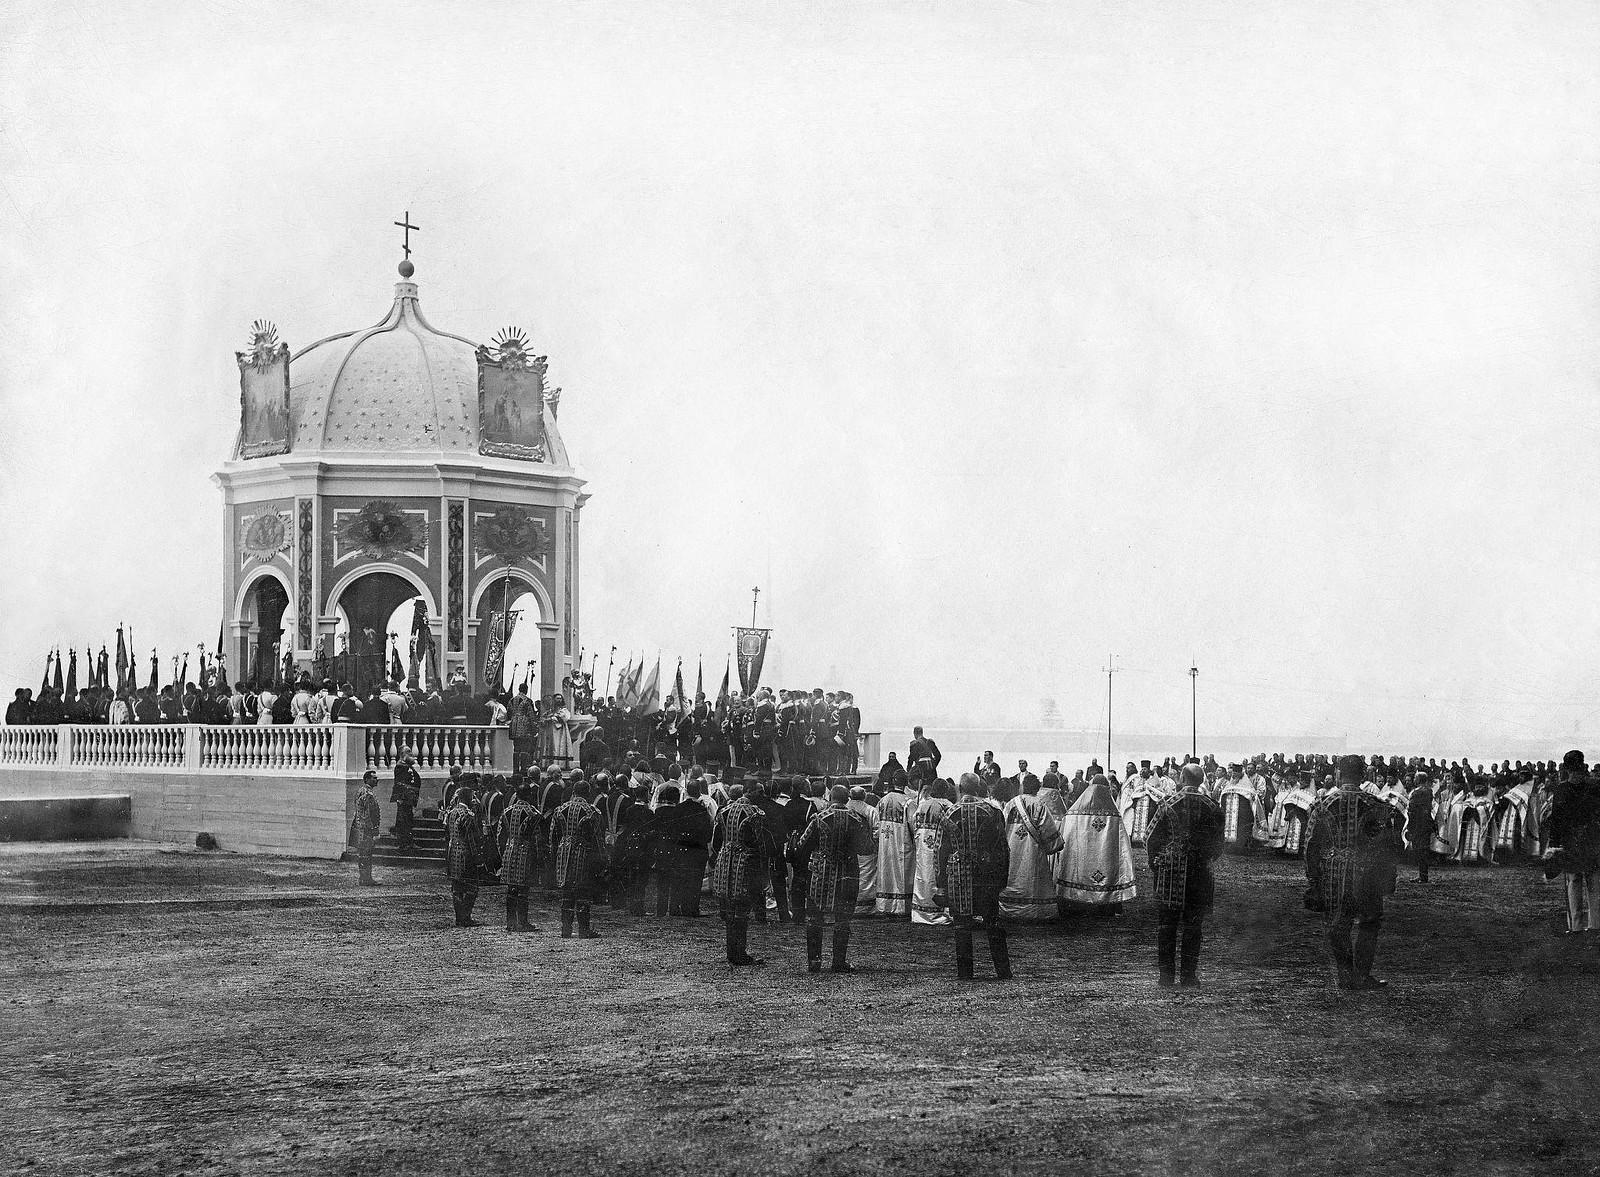 1913. Обряд водосвятия на Неве (2)